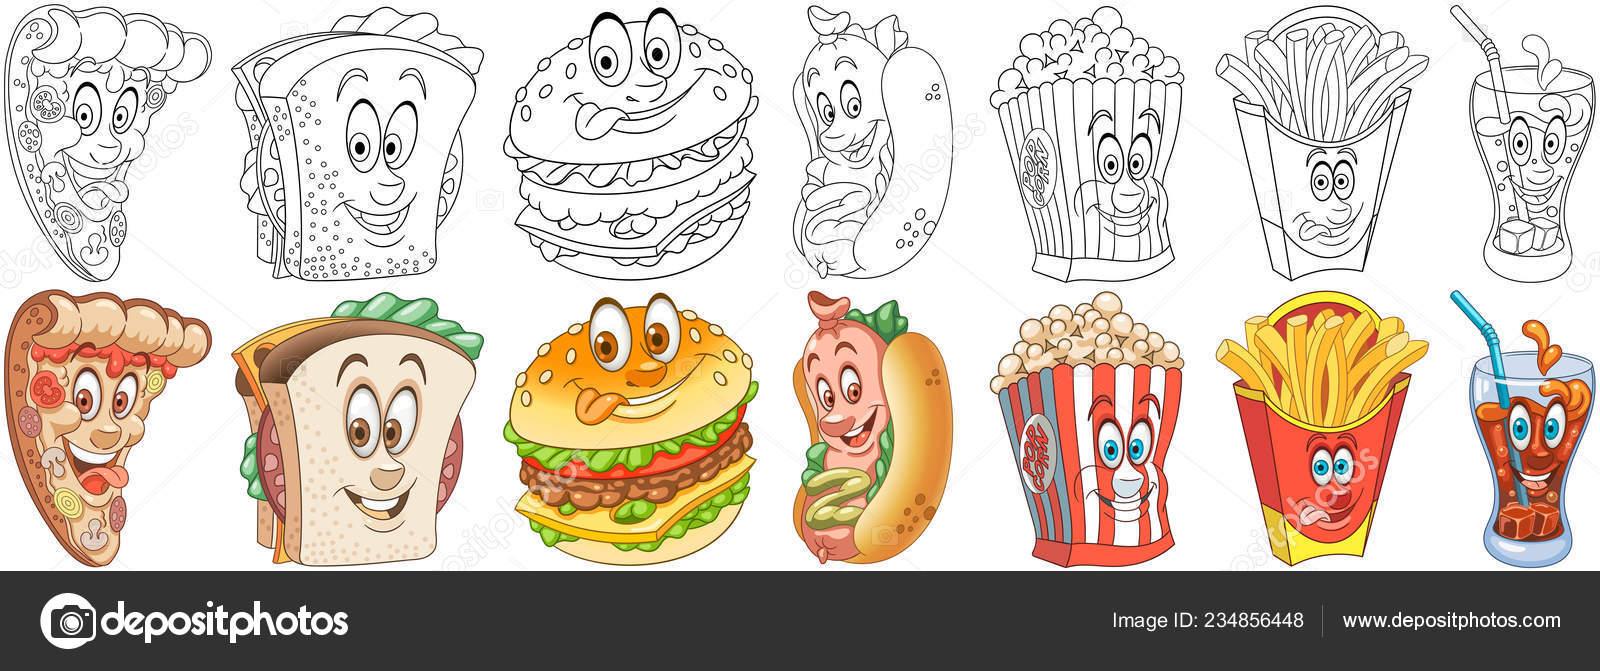 Conjunto Comida Rápida Dibujos Para Colorear Personajes Alimentos